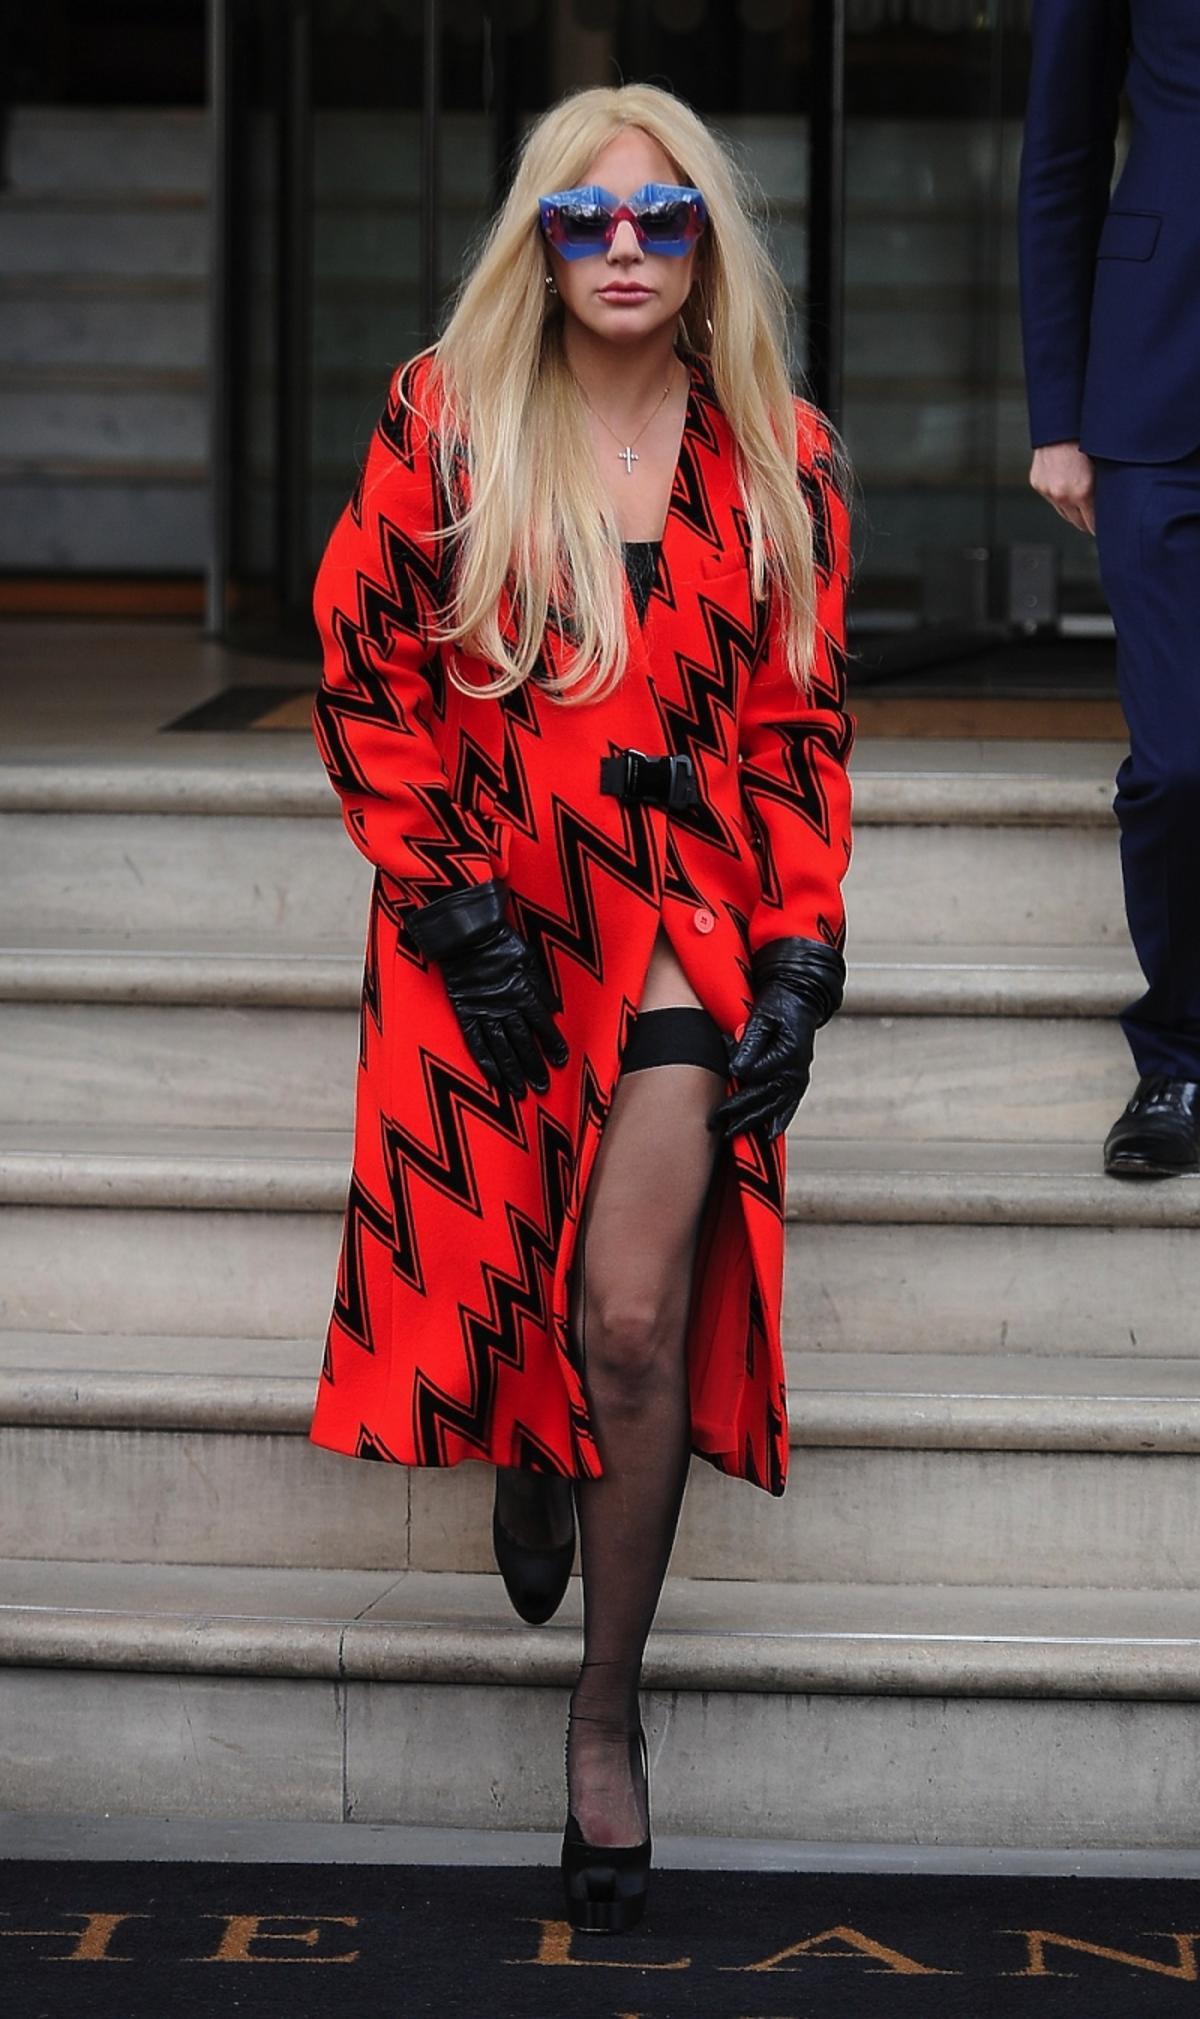 Lady Gaga w pomarańczowym płaszczu z czarnym wzorem